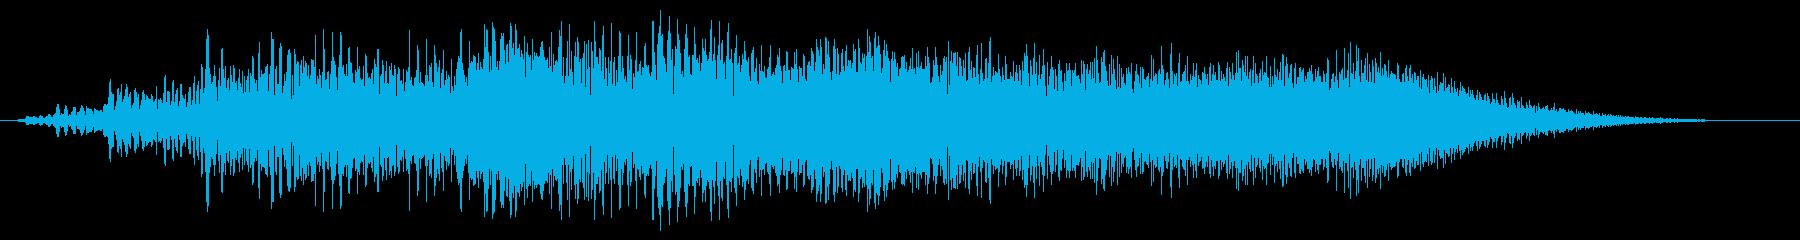 ビョロロン(金属的な音)の再生済みの波形